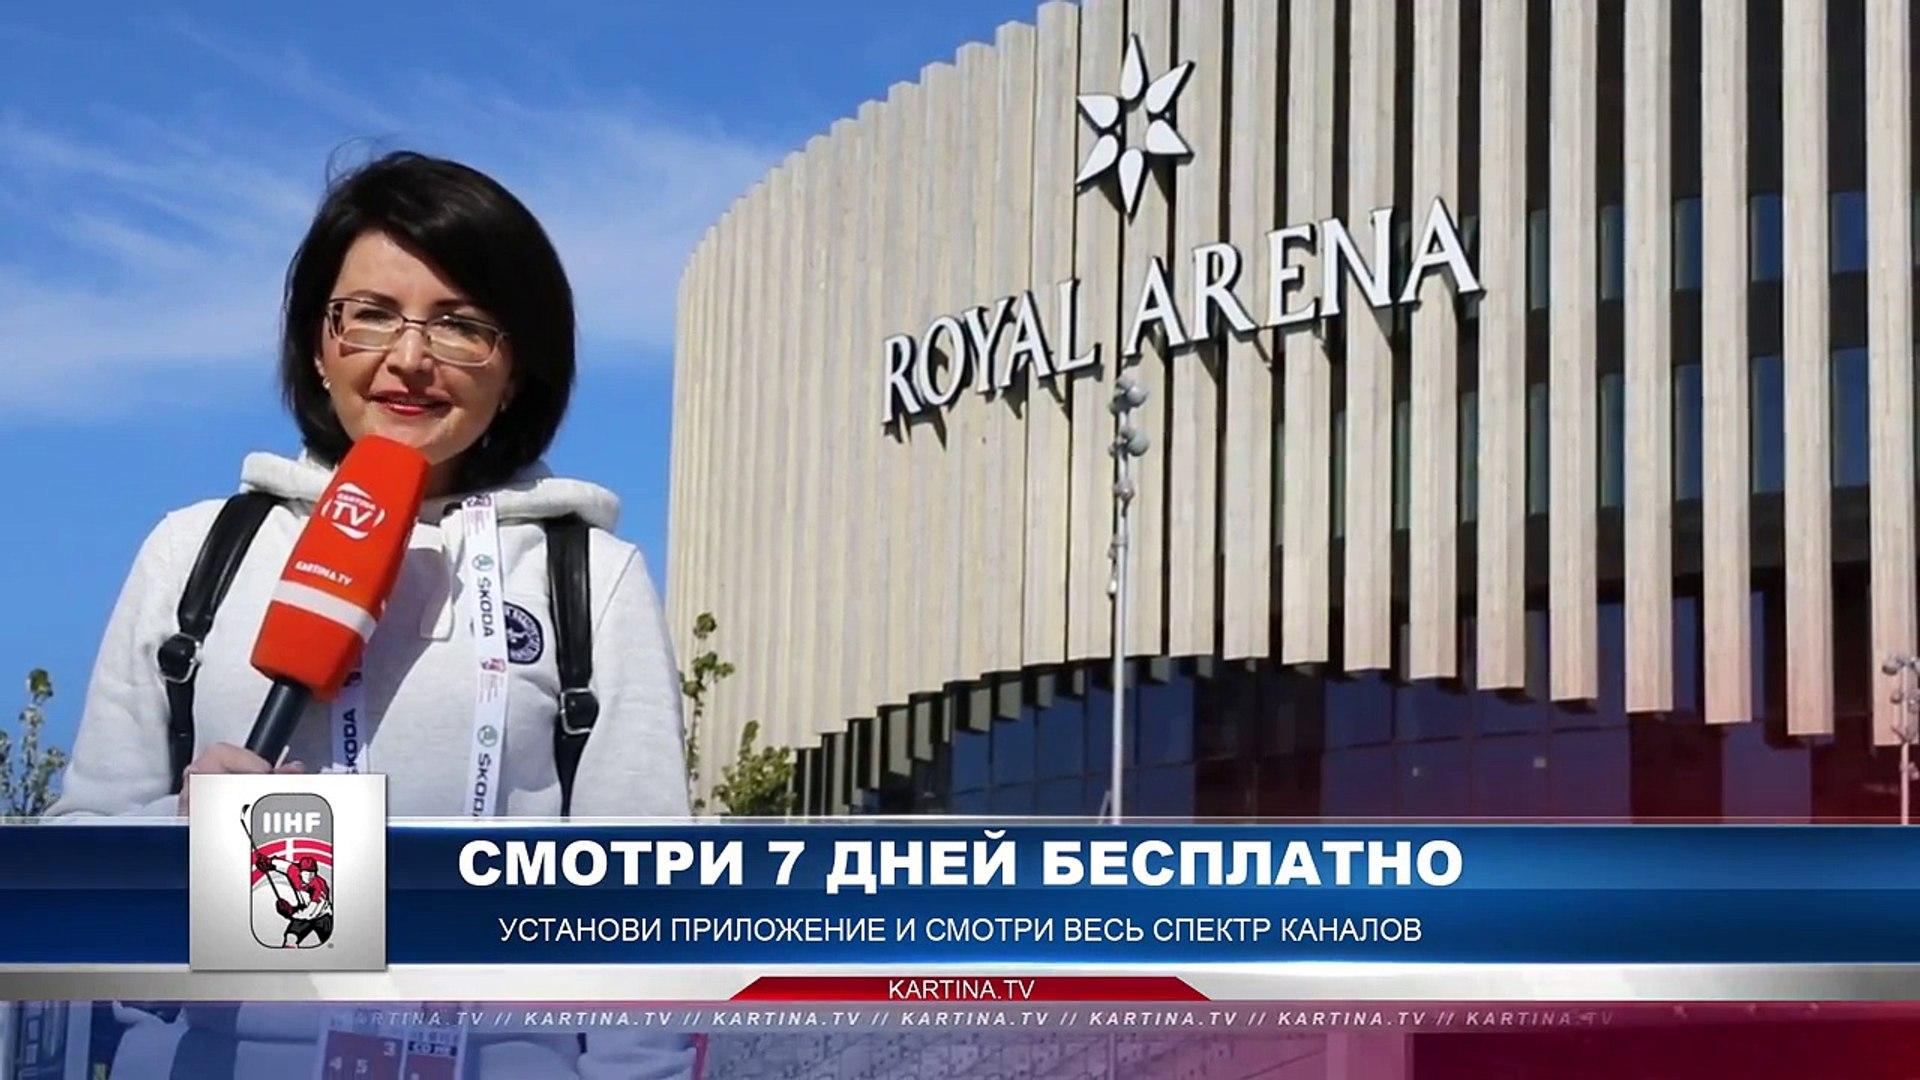 Результаты в группе А на 6 мая 2018 на ЧМ по хоккею 2018. Репортаж Kartina.TV